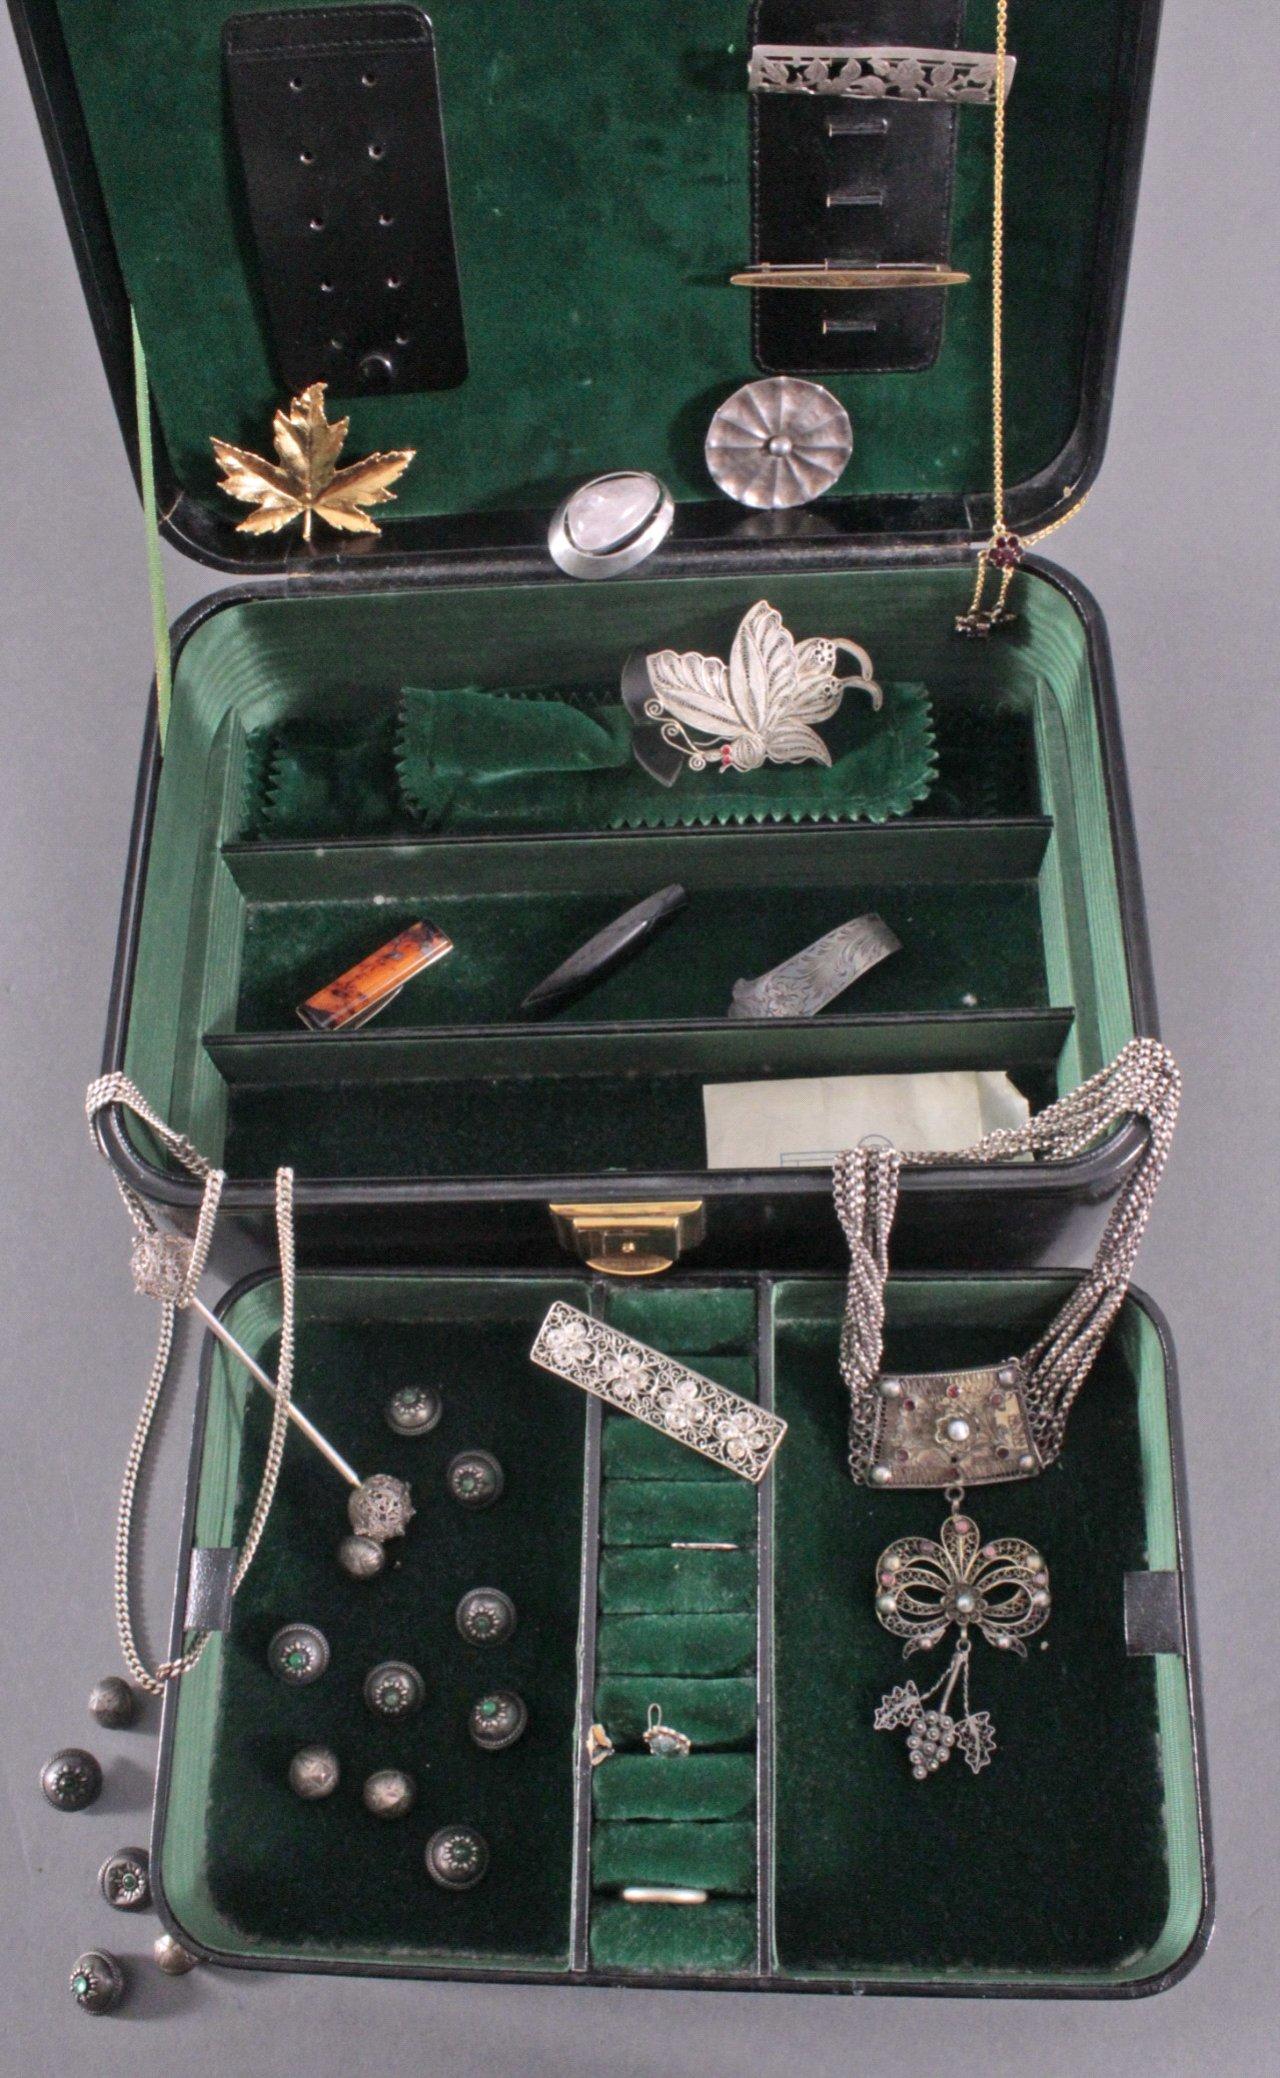 Schmuckschatulle mit Mode- und Silberschmuck-1